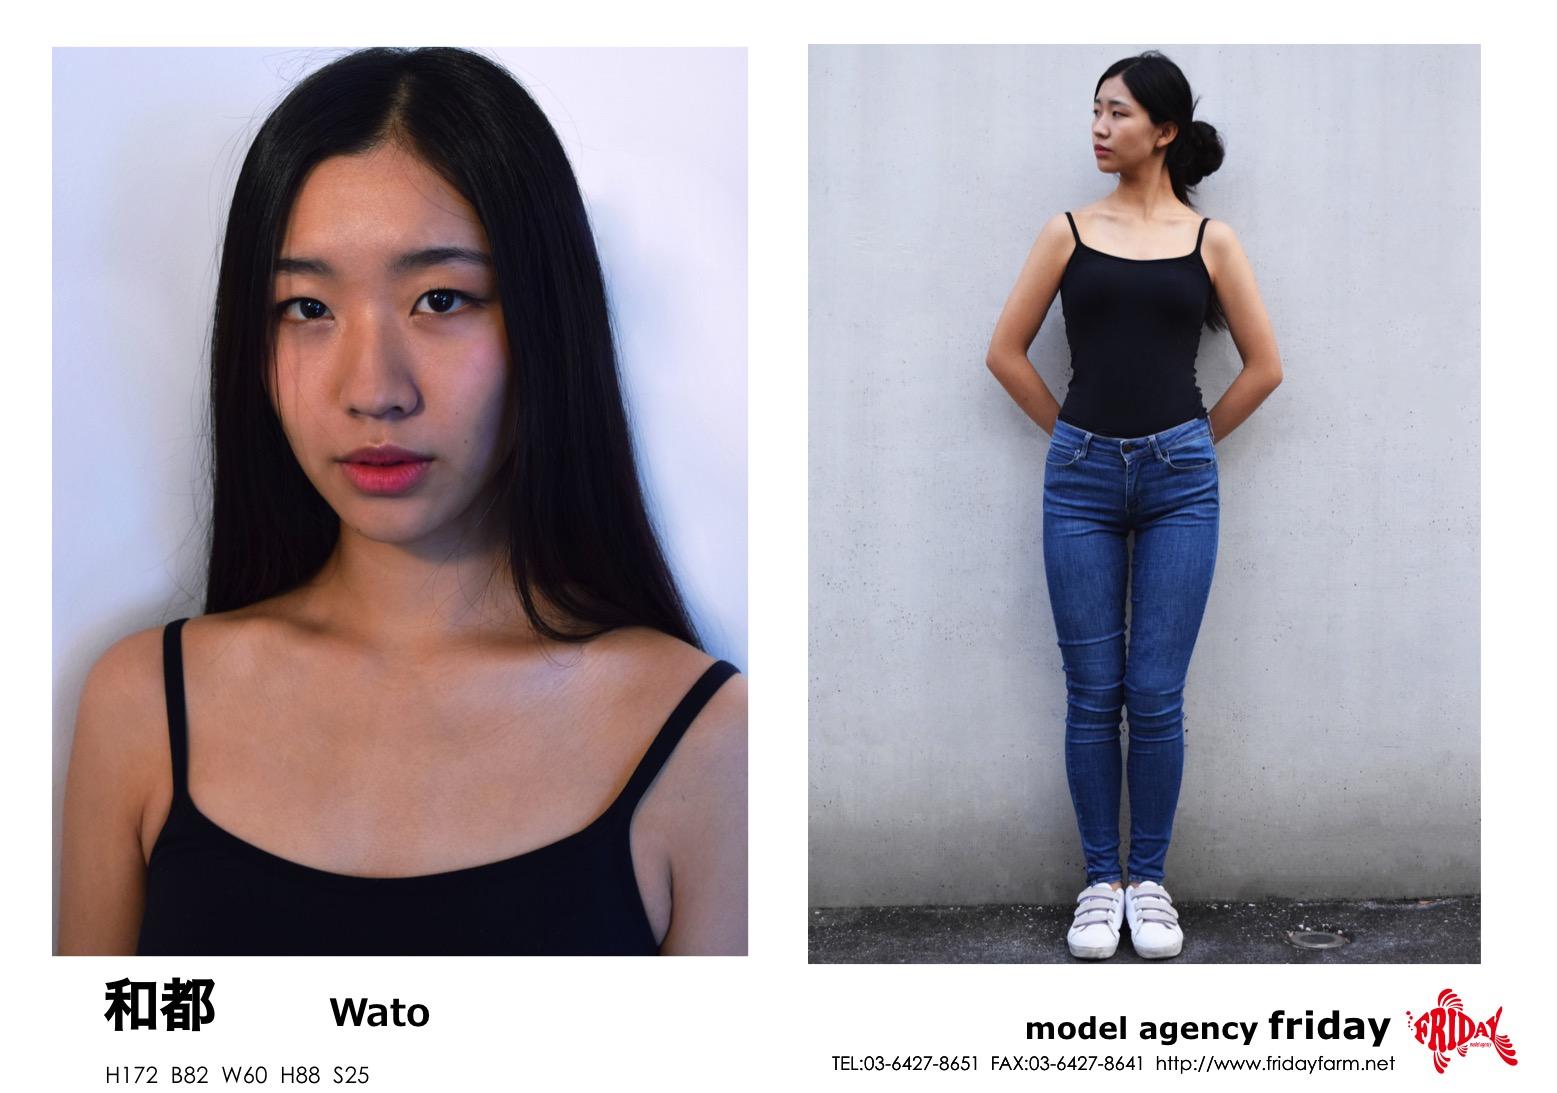 和都 - Wato | model agency friday